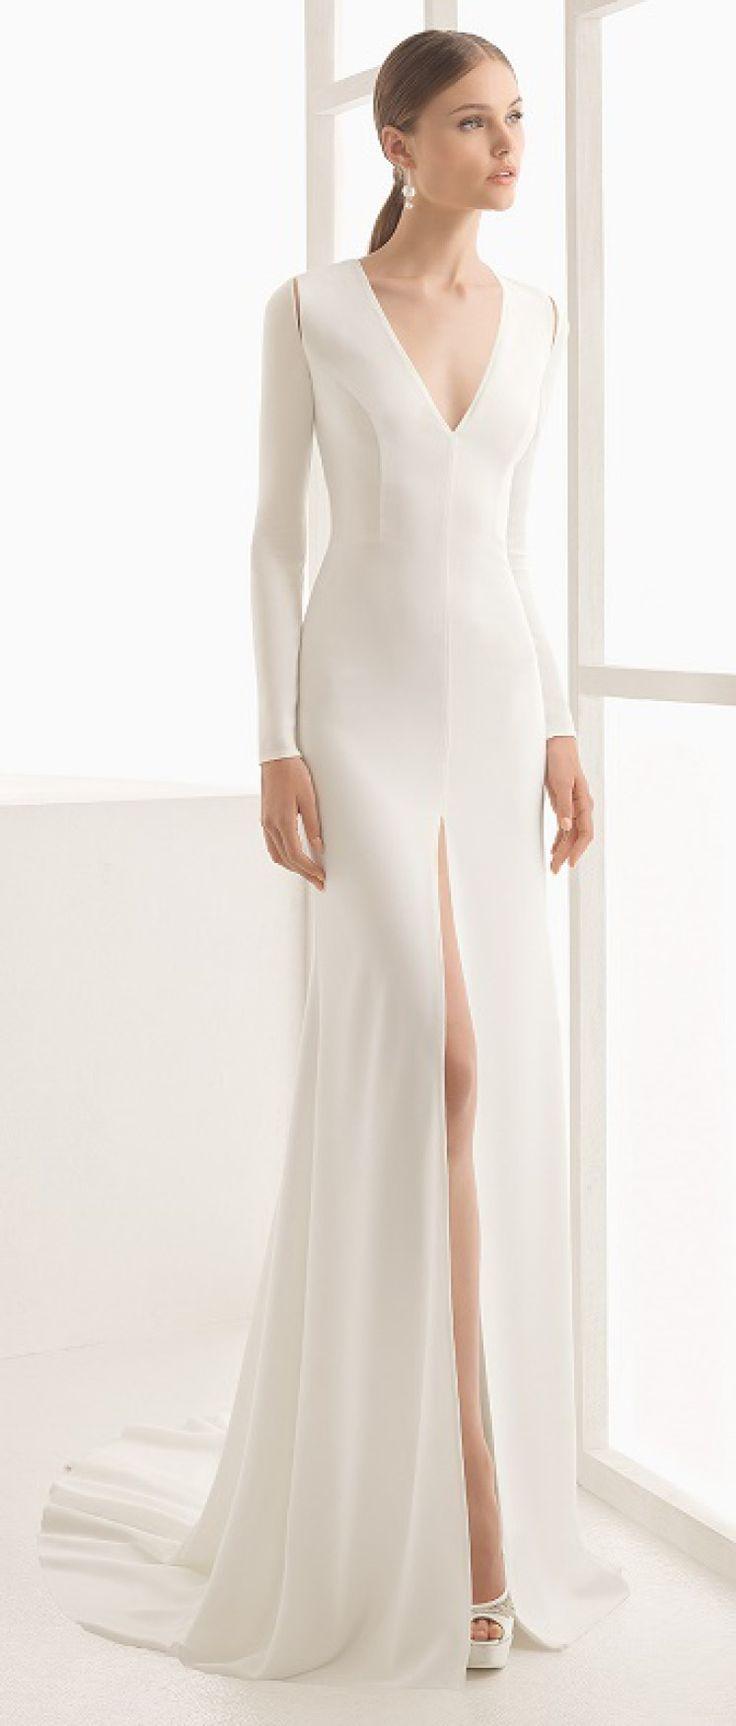 Самые красивые свадебные платья 2017 года свадебные тренды  - свадебная мода 2017 - Роза Клара Rosa Clara 2017  wedding dress